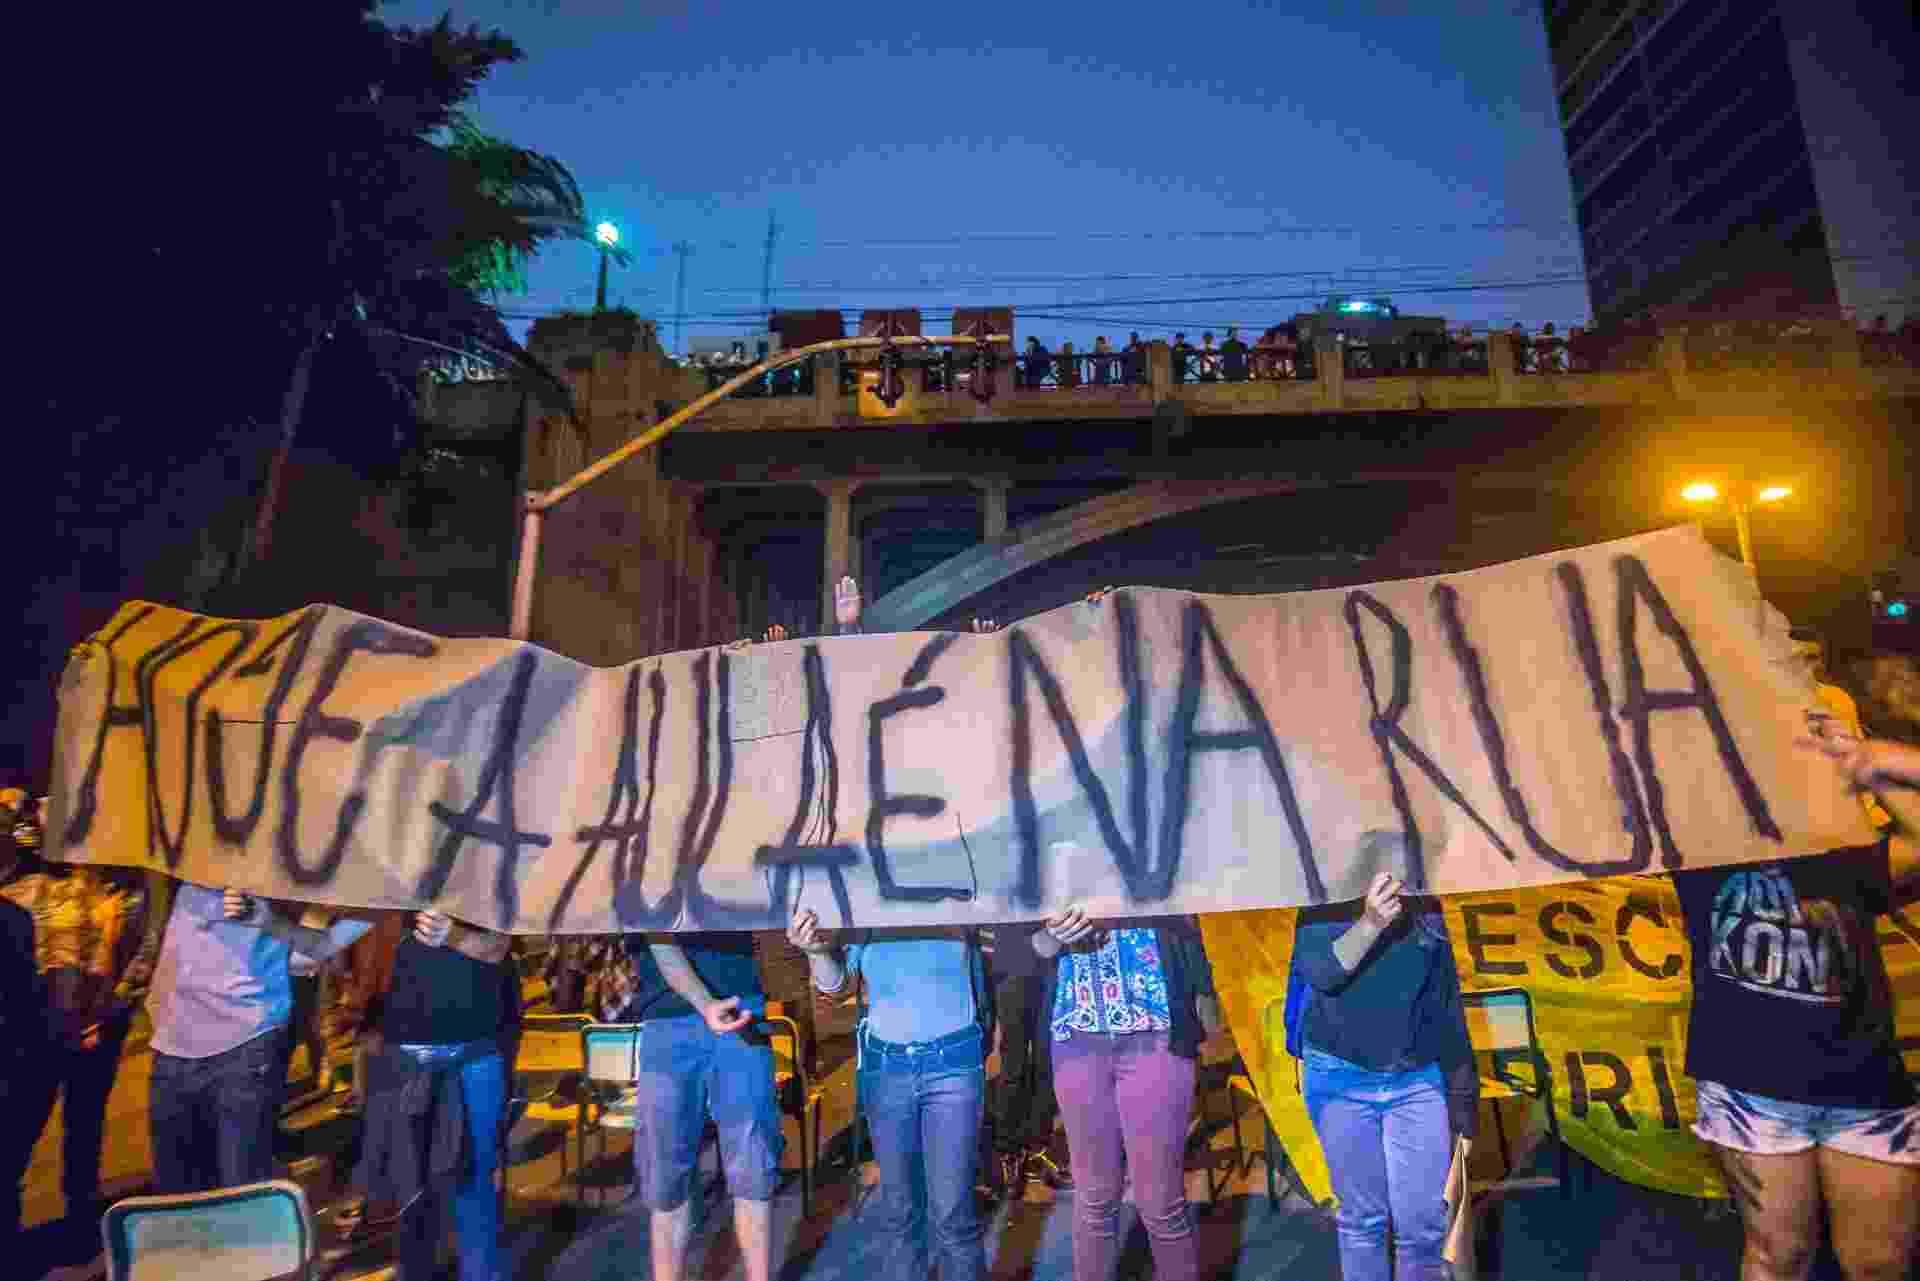 1º.dez.2015 - Estudantes bloqueiam no começo da noite desta terça-feira a avenida 9 de julho na altura do número 900, em ambos os sentidos, de acordo com a CET (Companhia de Engenharia de Tráfego). Os manifestantes protestam contra a reorganização escolar proposta pelo governo Geraldo Alckmin (PSDB). A medida terá como consequência o fechamento de 93 escolas e tem causado protestos diários, além da ocupação de cerca de 200 escolas por estudantes e movimentos sociais - Cris Faga/Fox Press Photo/Estadão Conteúdo